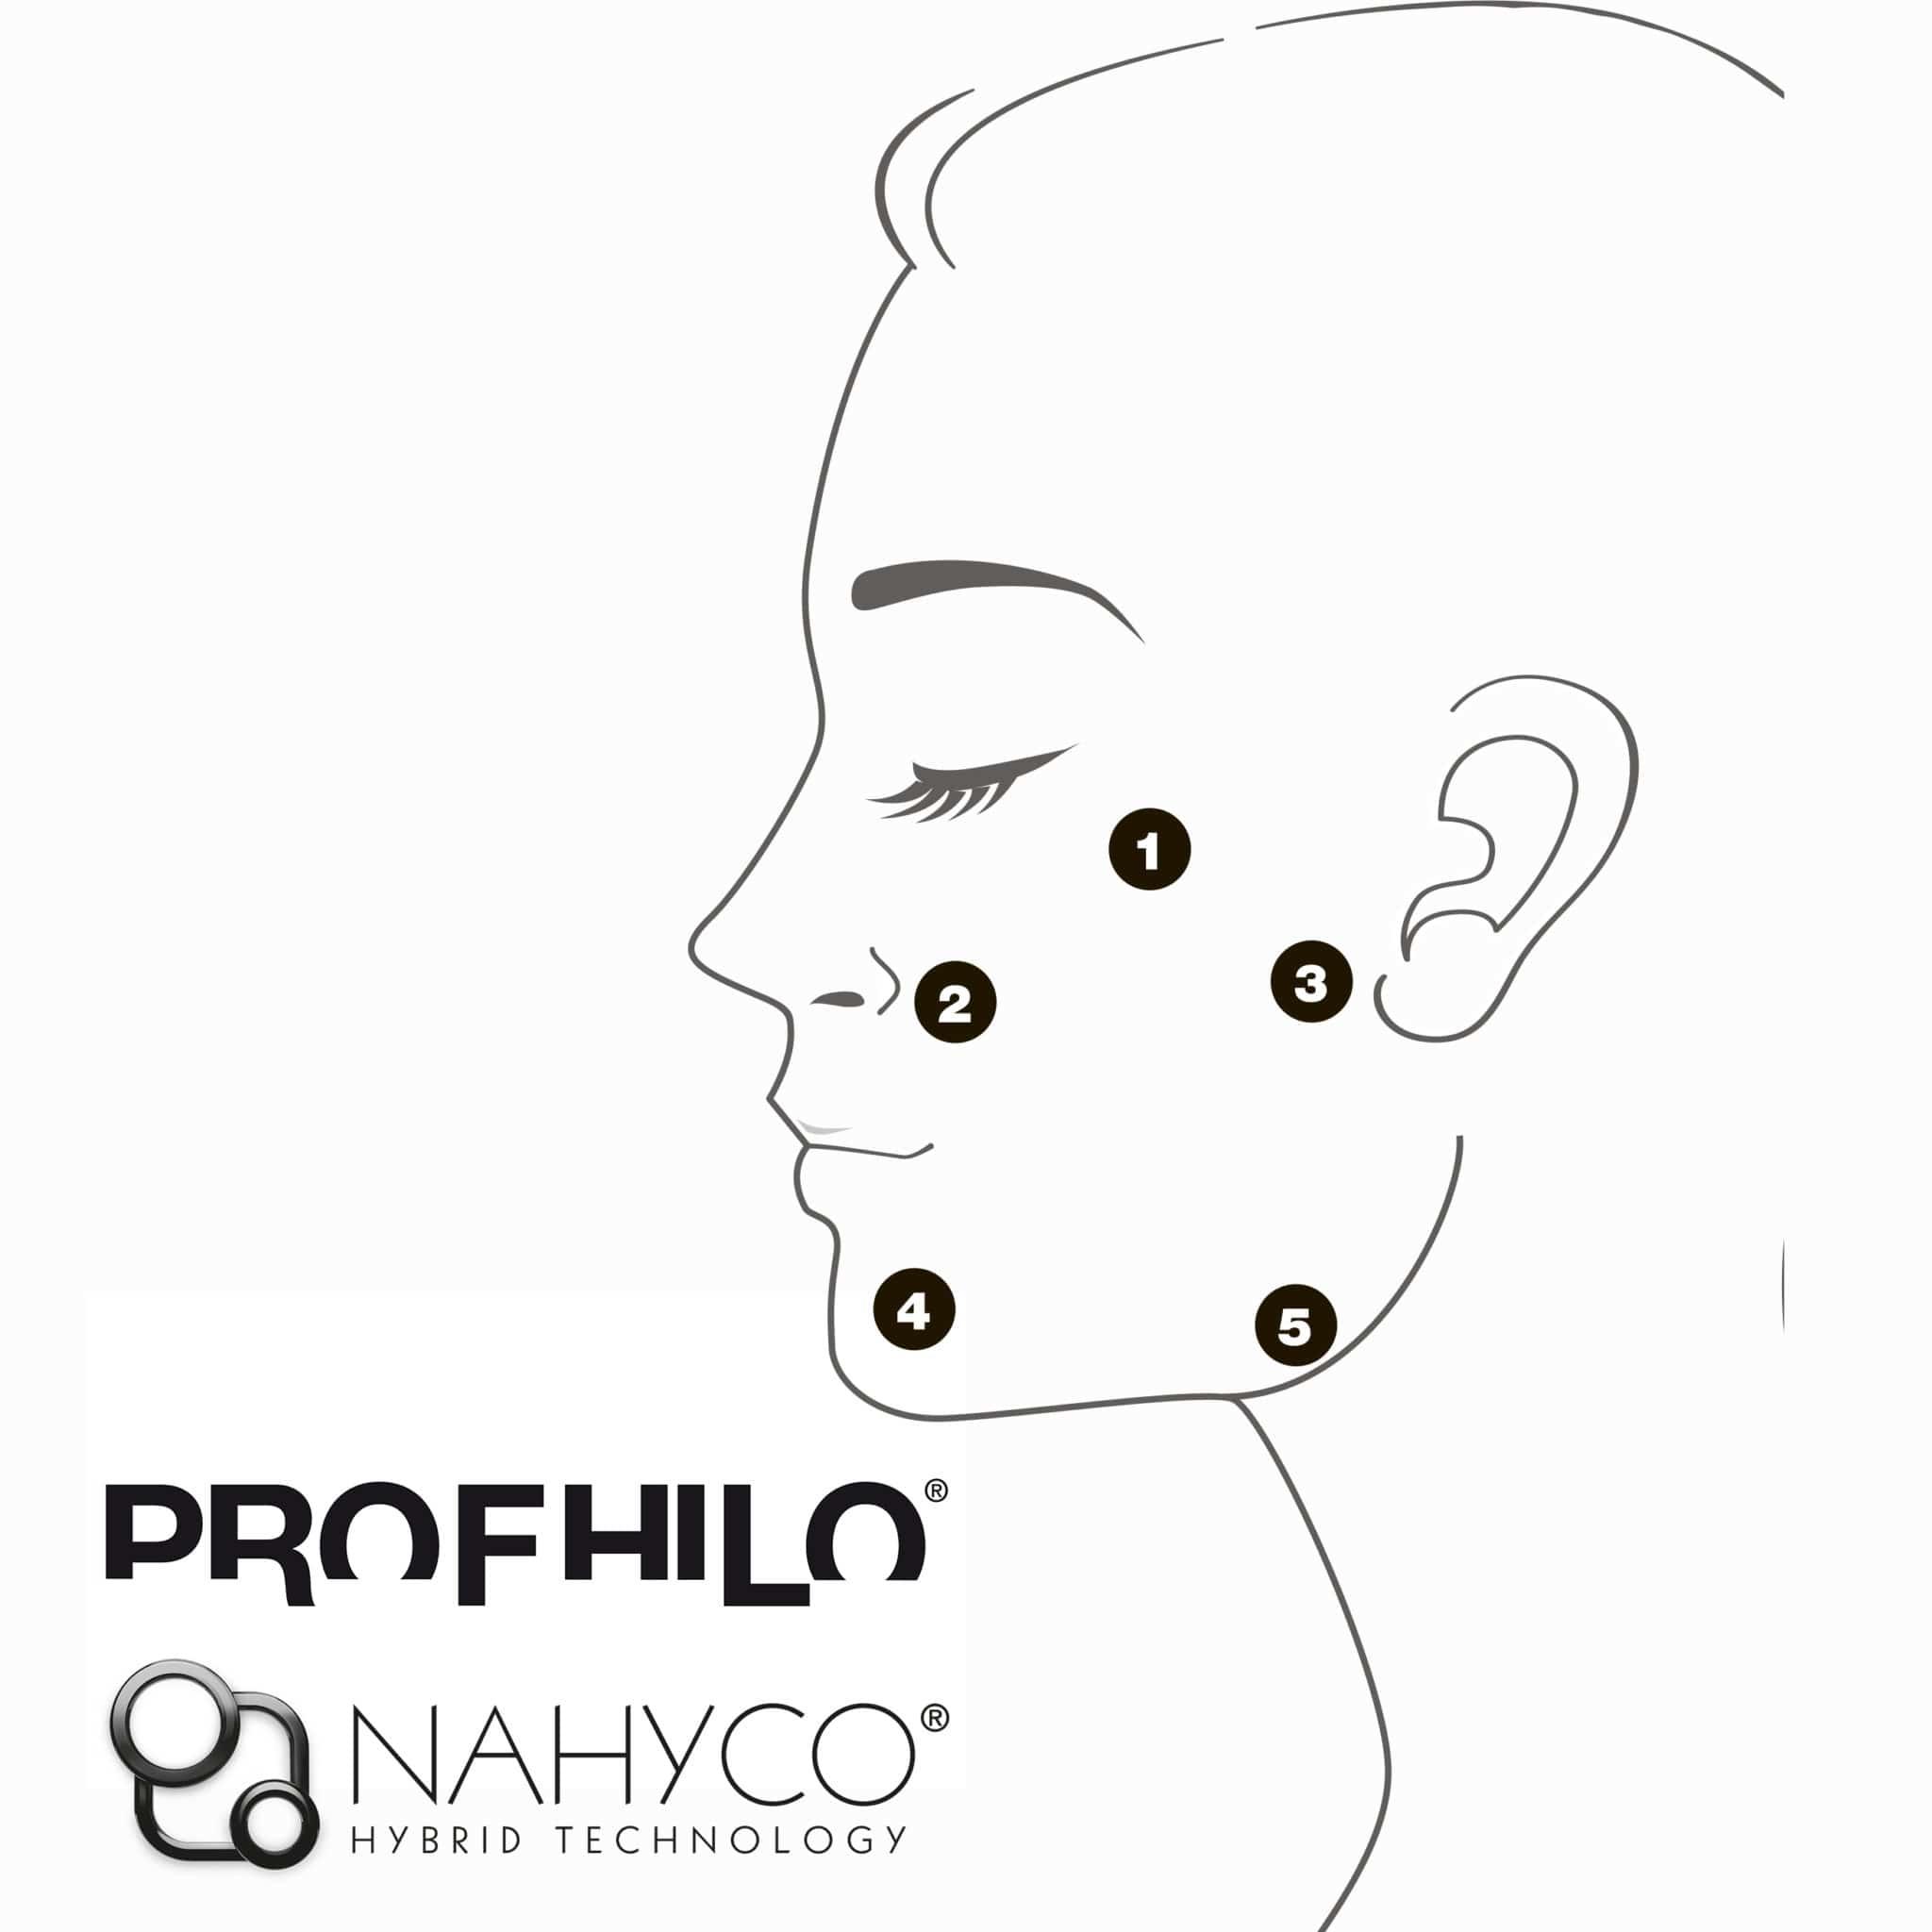 Биоремоделирование Profhilo гиалуроновой кислоты вернадского ленинский клиника патласова